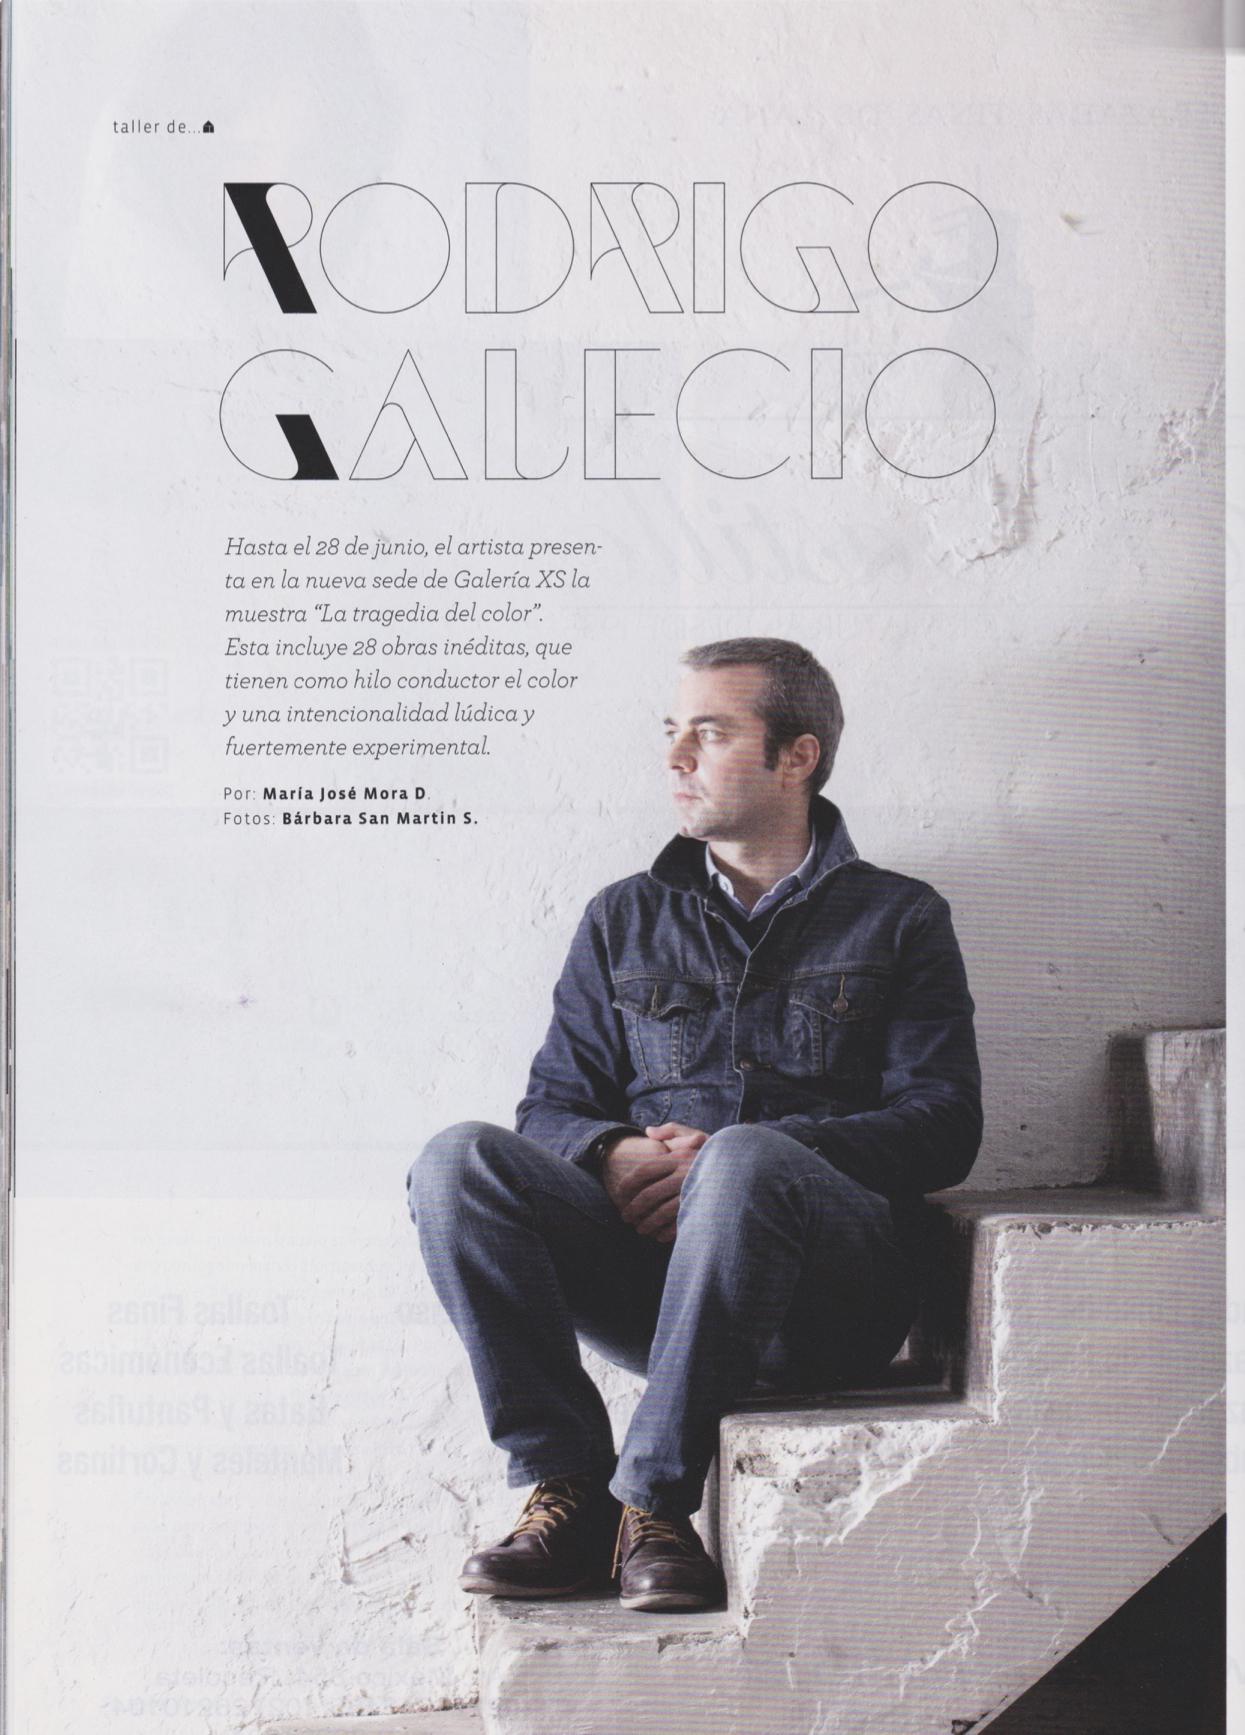 galecio - Entrevista a Rodrigo Galecio, Revista Casas, Junio 2014, pag 28-32